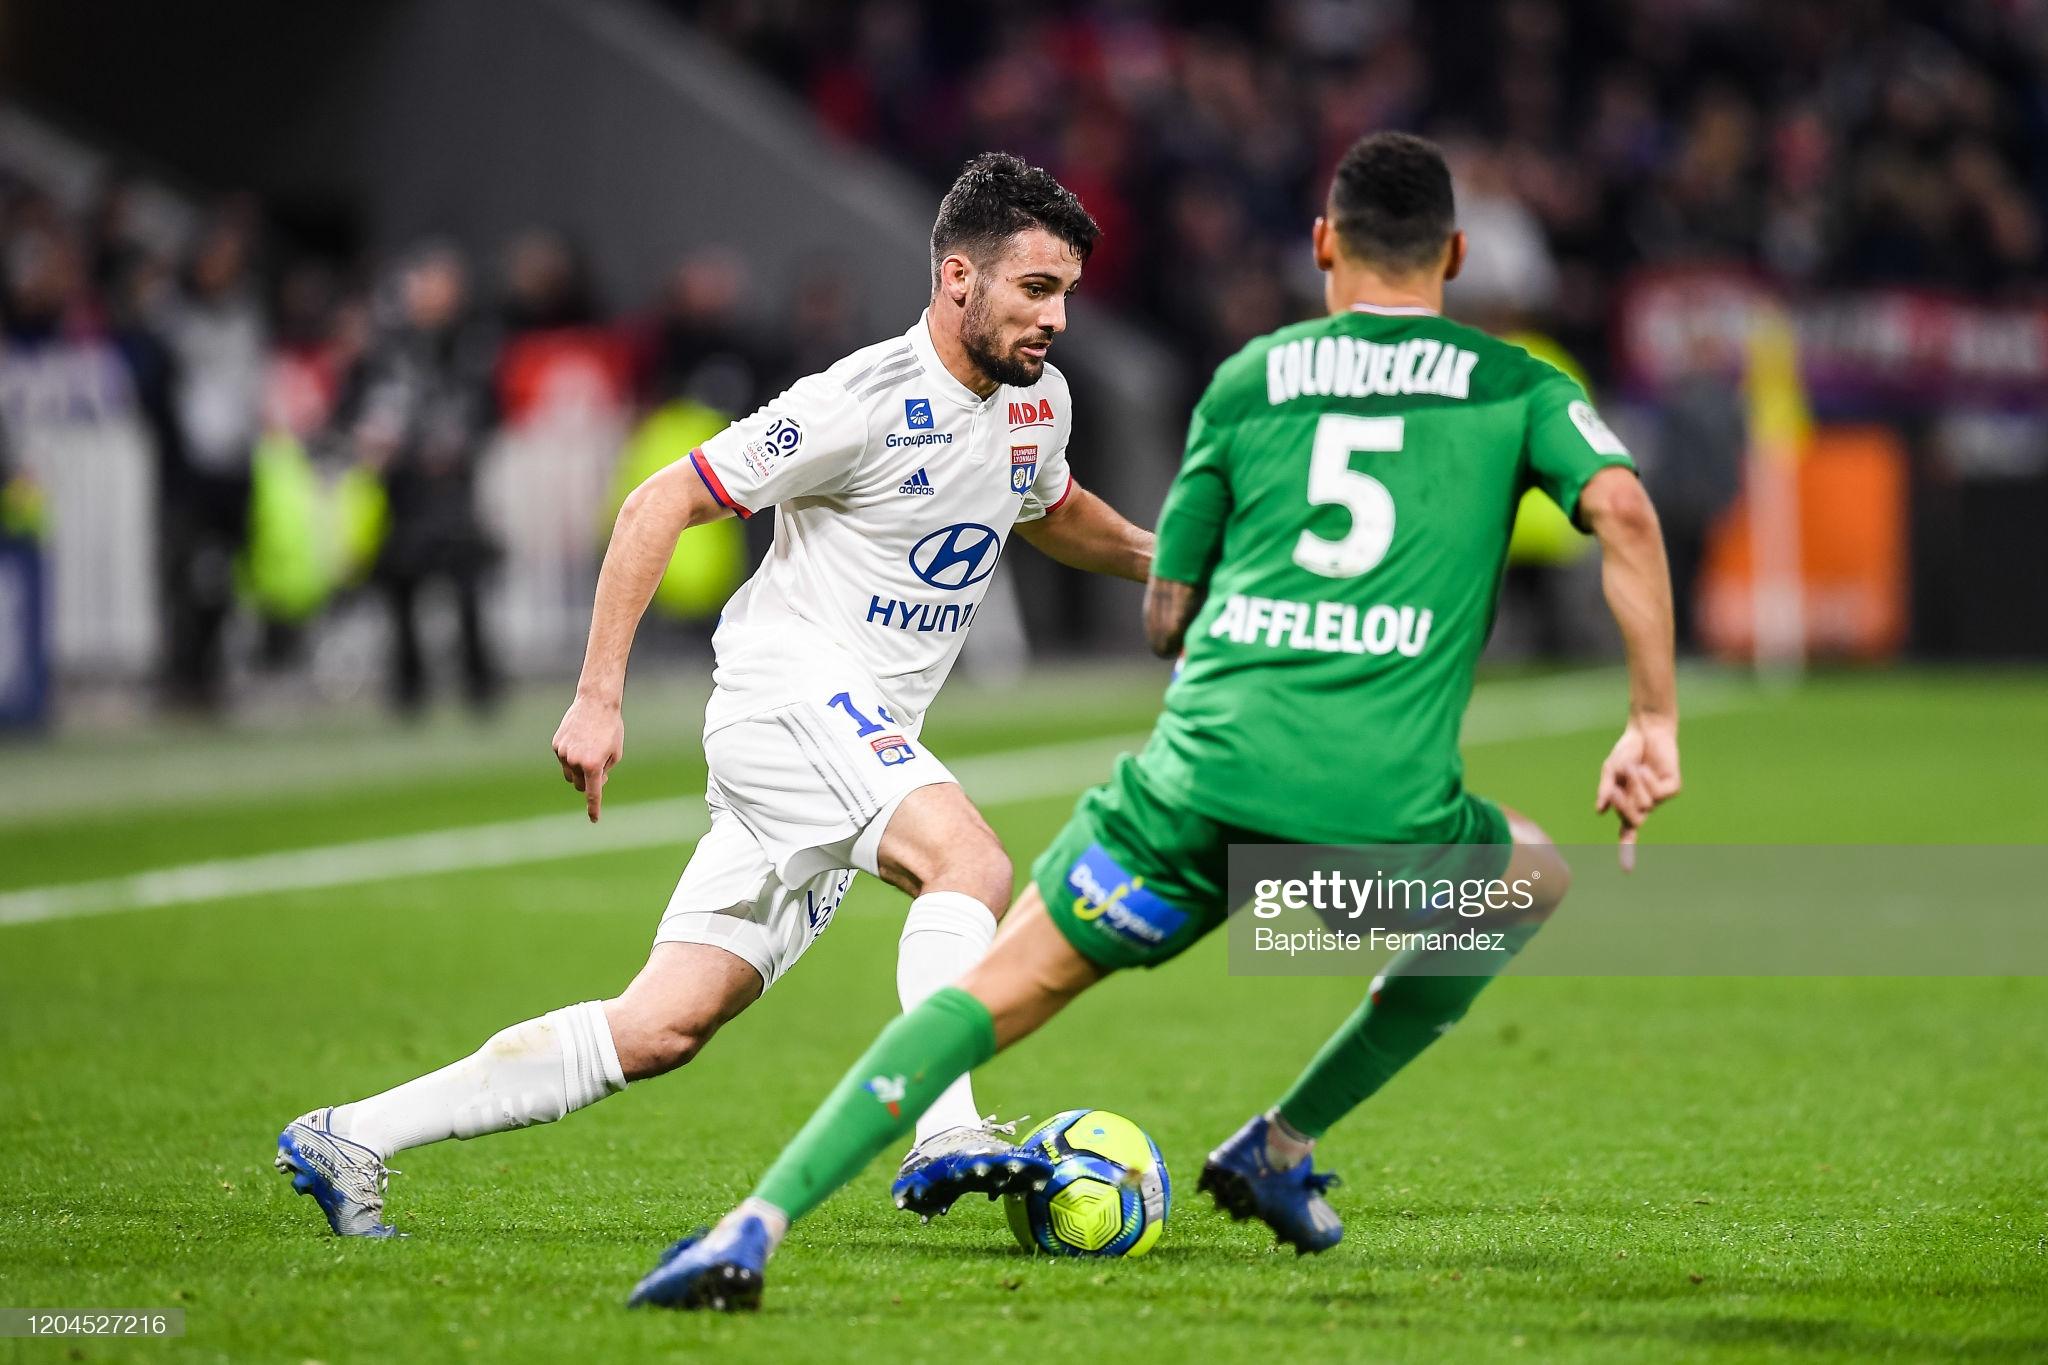 St. Etienne vs Lyon